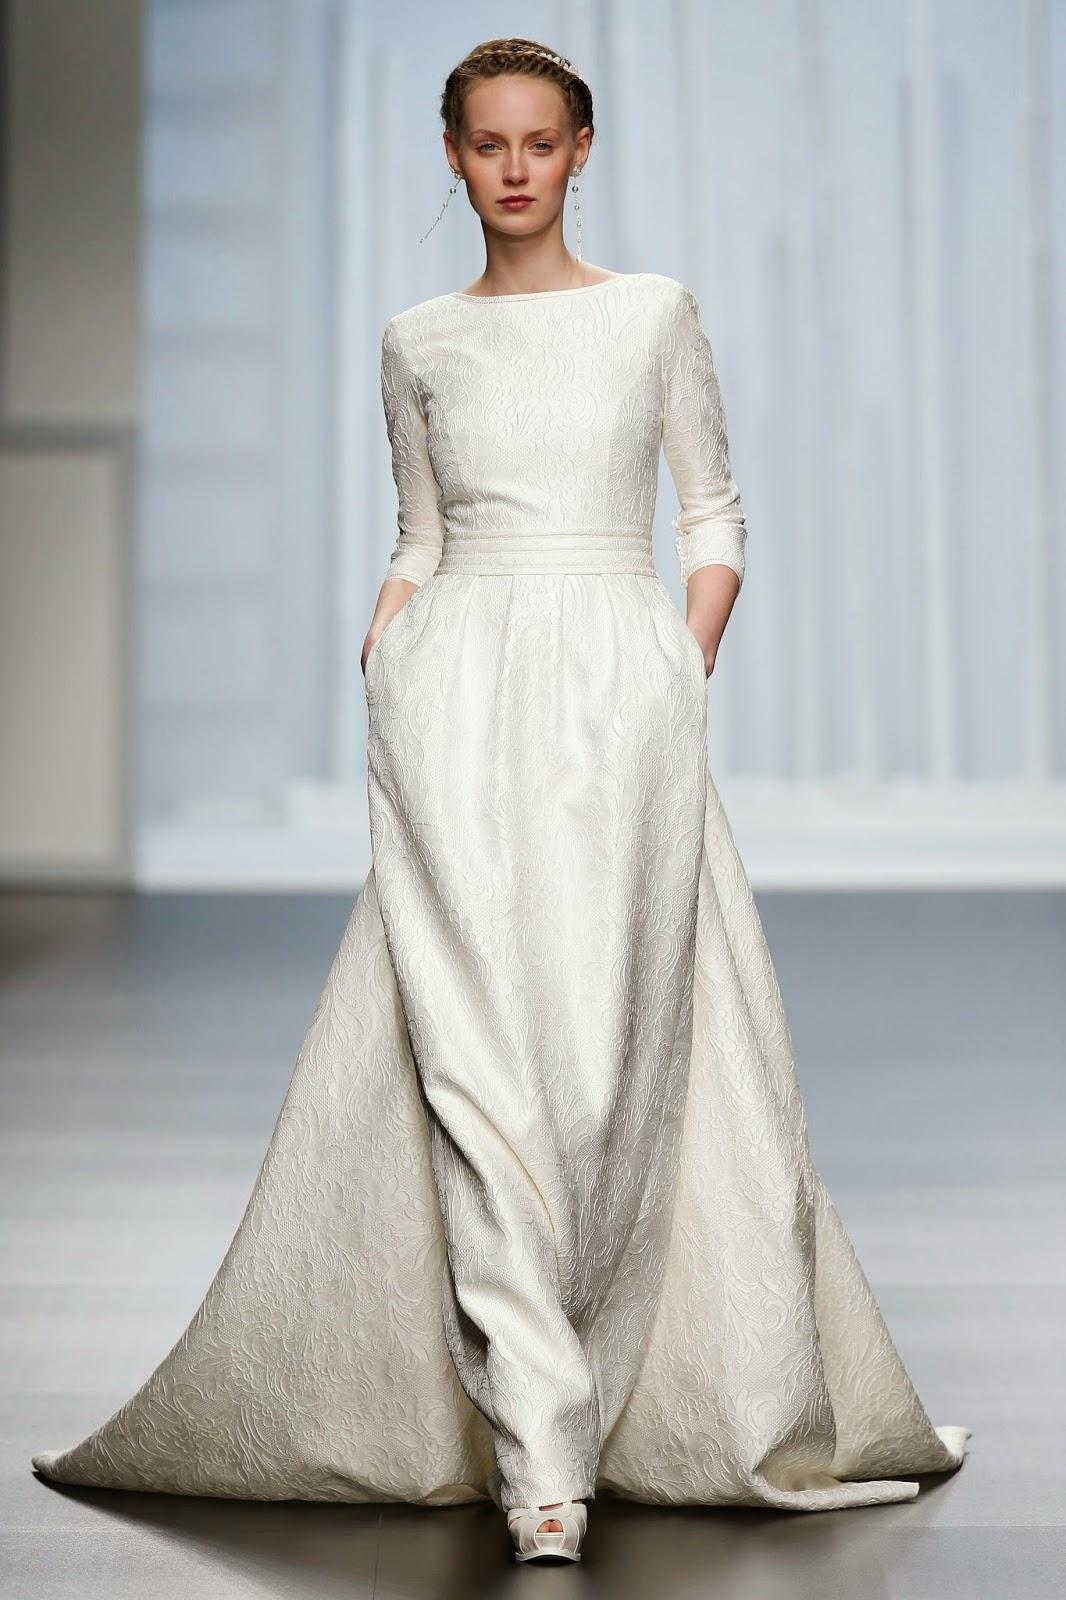 BODAS DE ALTA COSTURA: Los vestidos de novia con bolsillos son ...